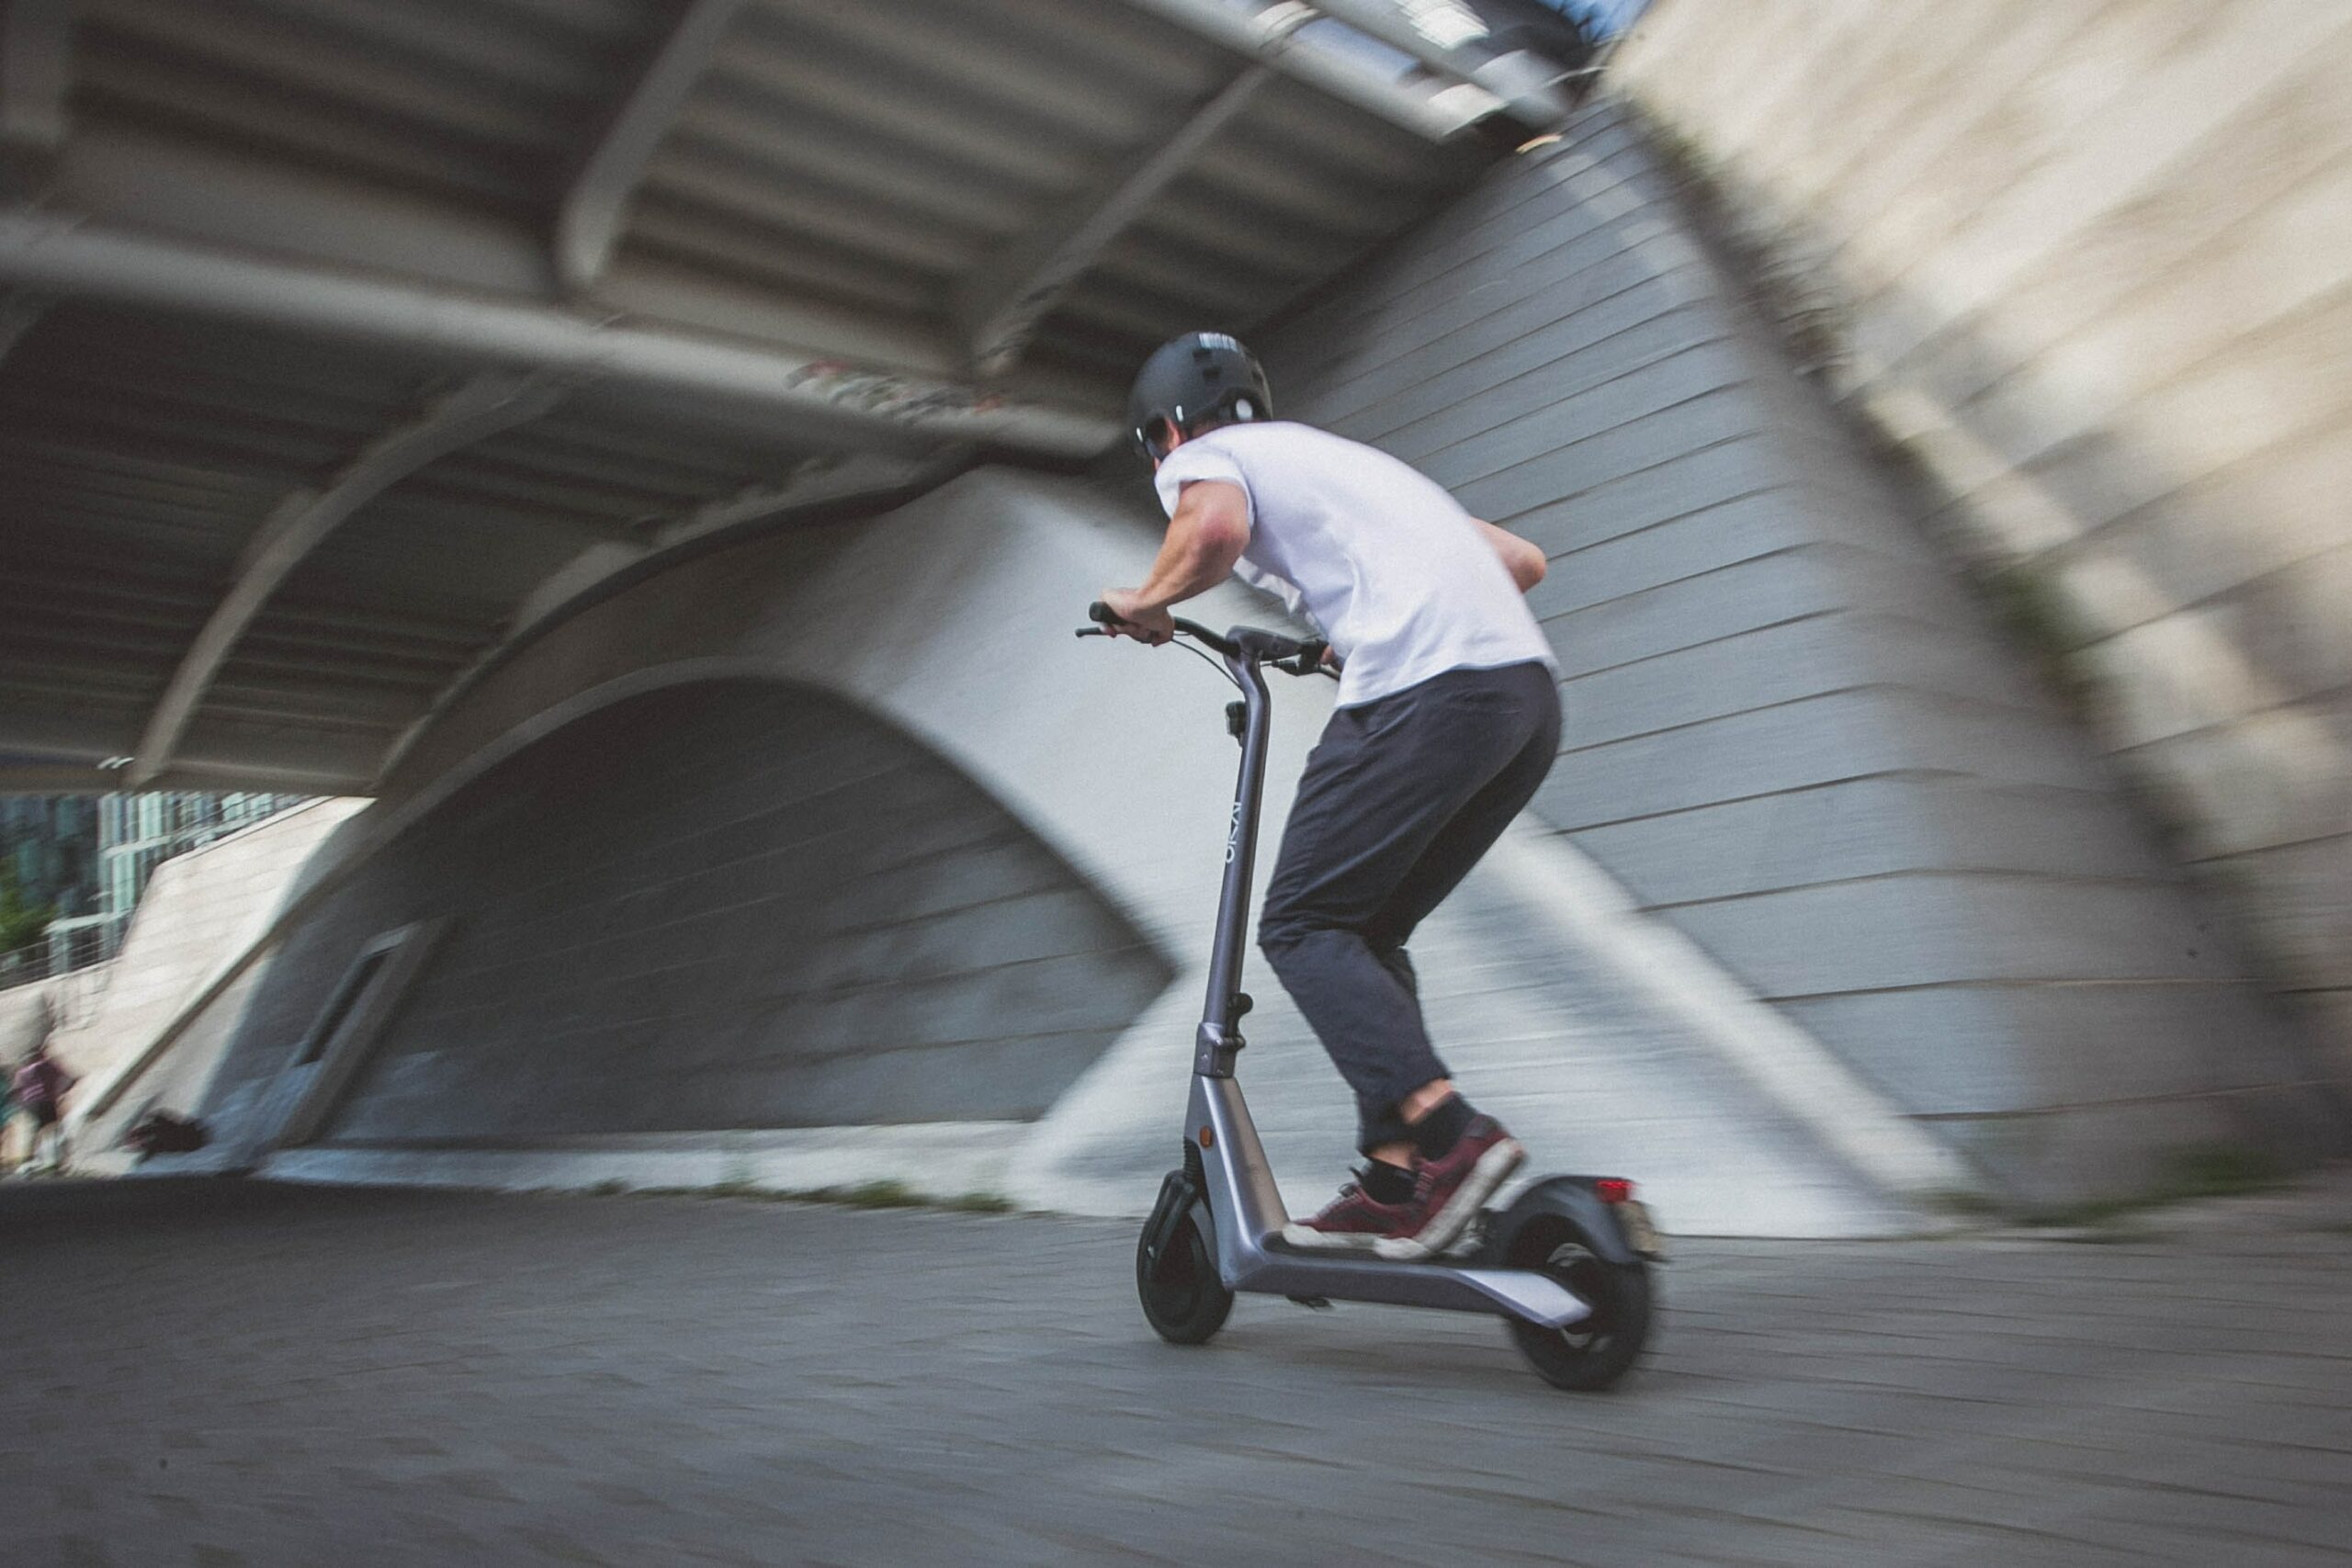 Iberdrola busca soluciones de aparcamiento y carga seguros para Vehículos de Movilidad Personal eléctricos, como bicicletas o patinetes